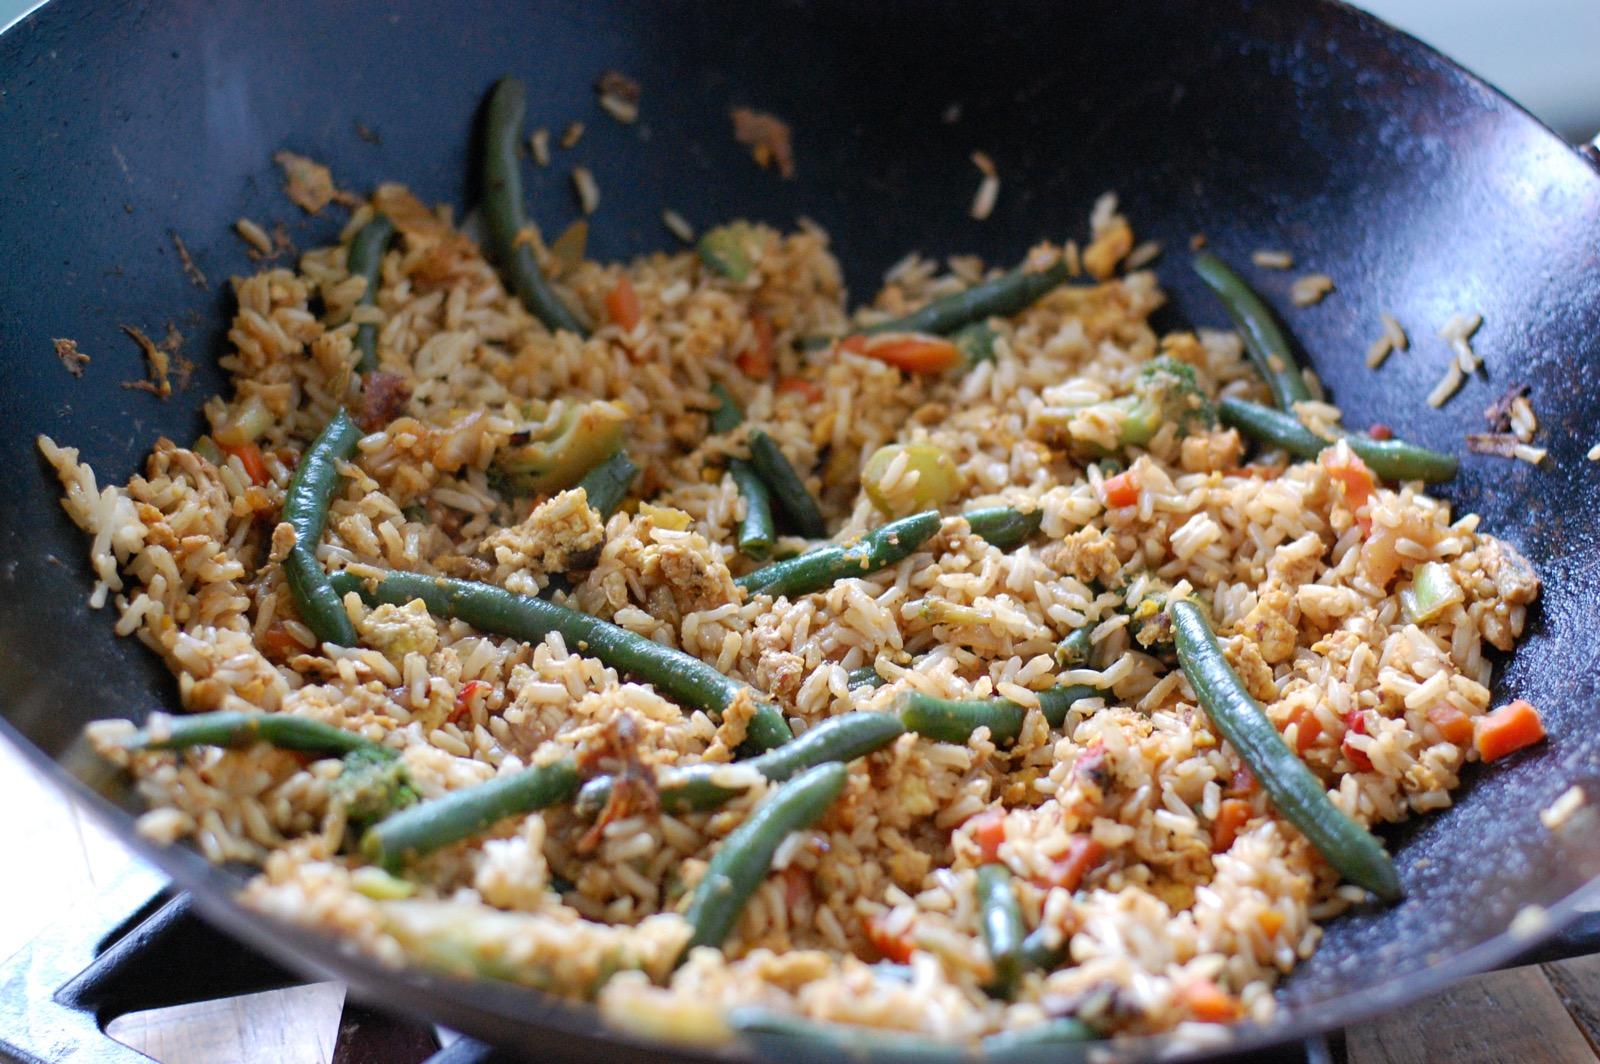 Leftover fried rice stir fry